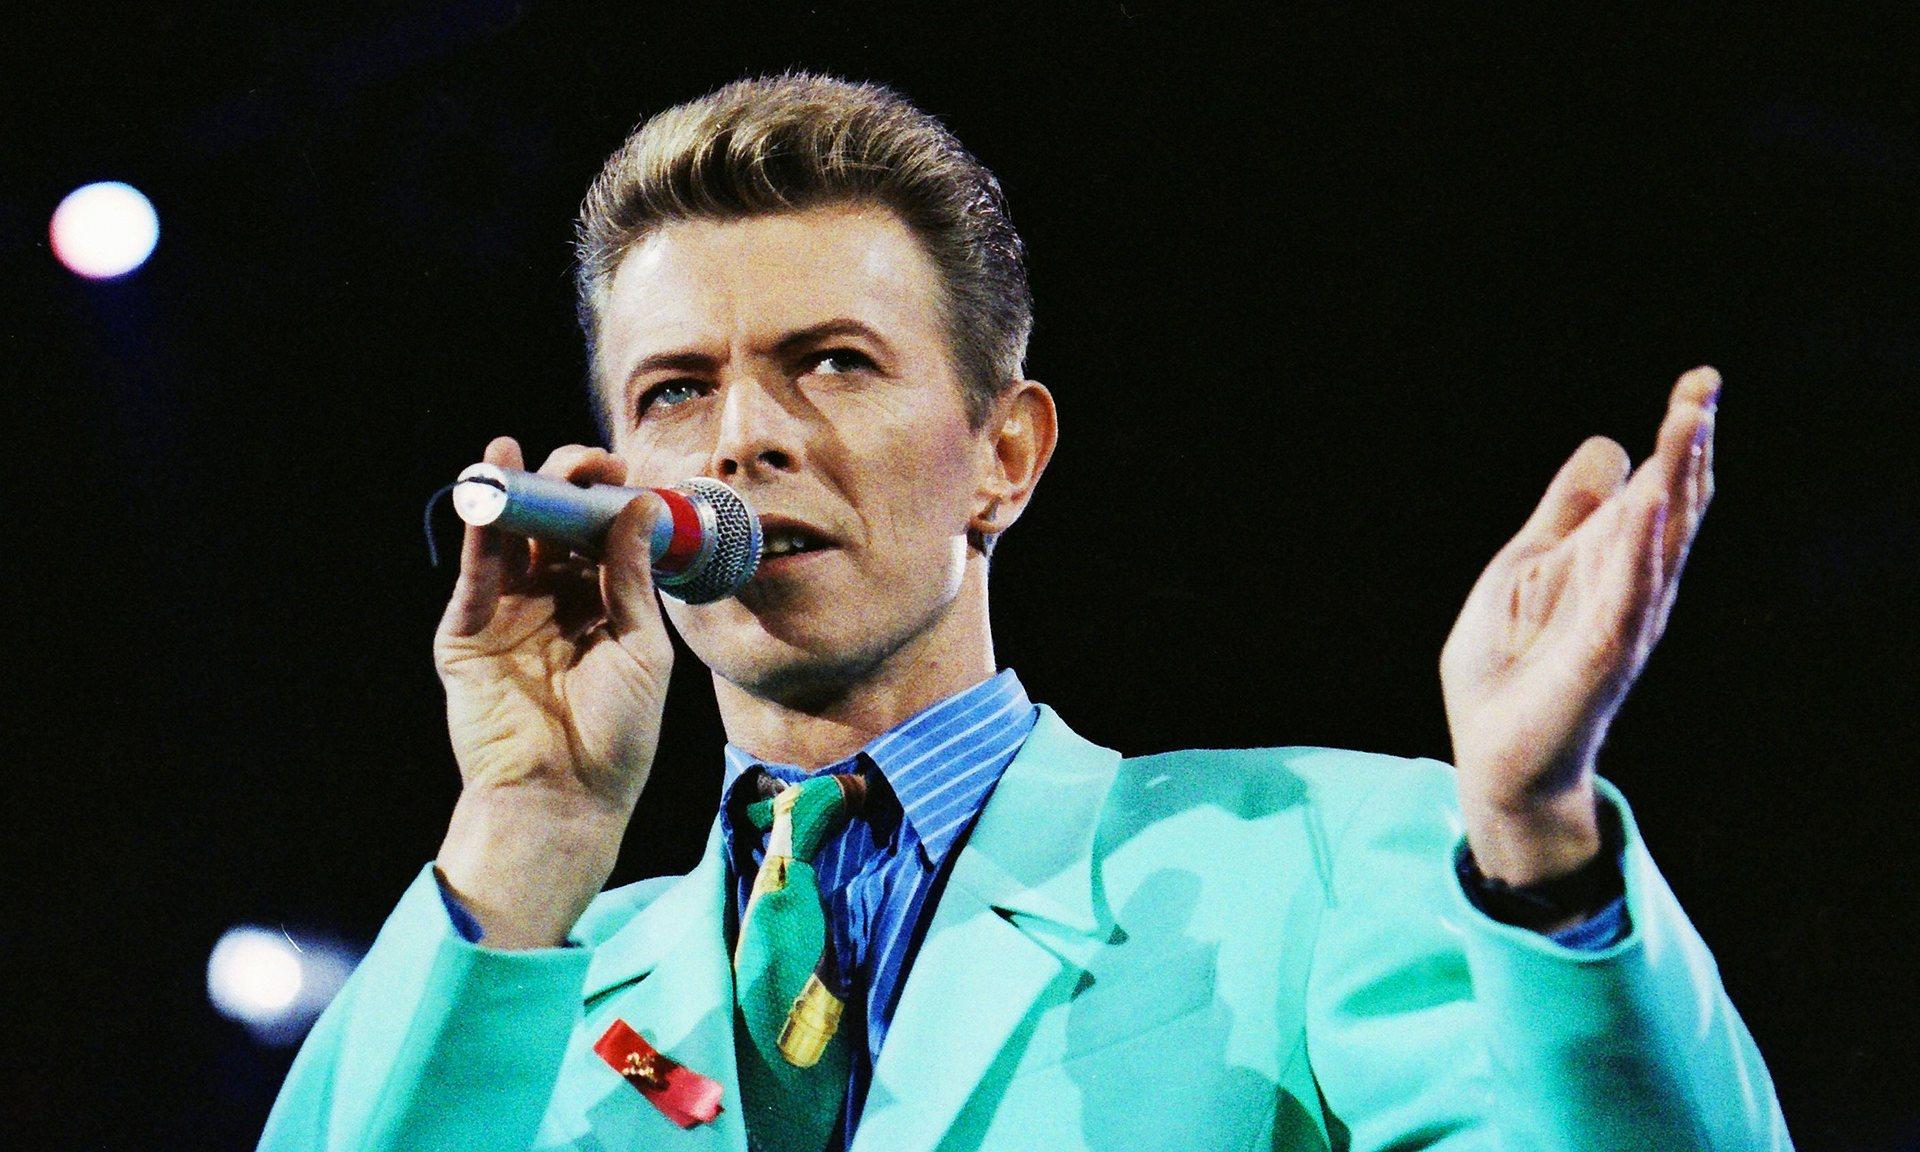 Bowie Tribute Concert